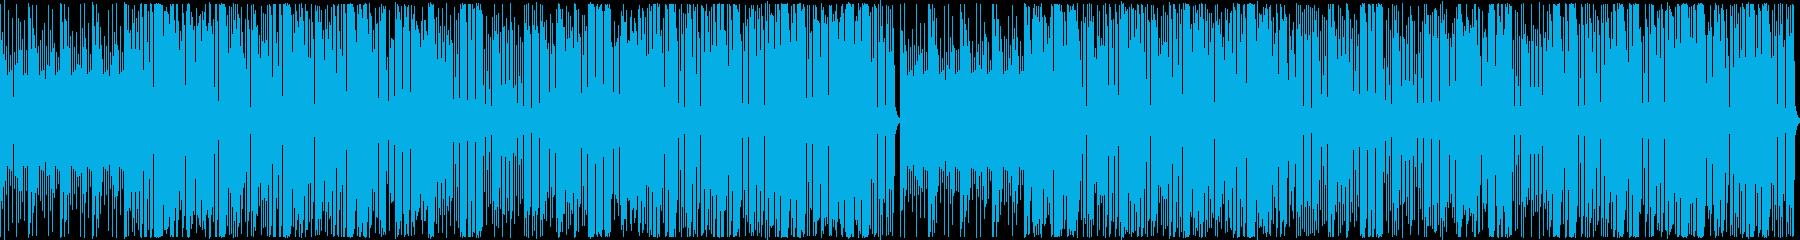 8bit:笑顔:日常:ダンス【ループ】の再生済みの波形